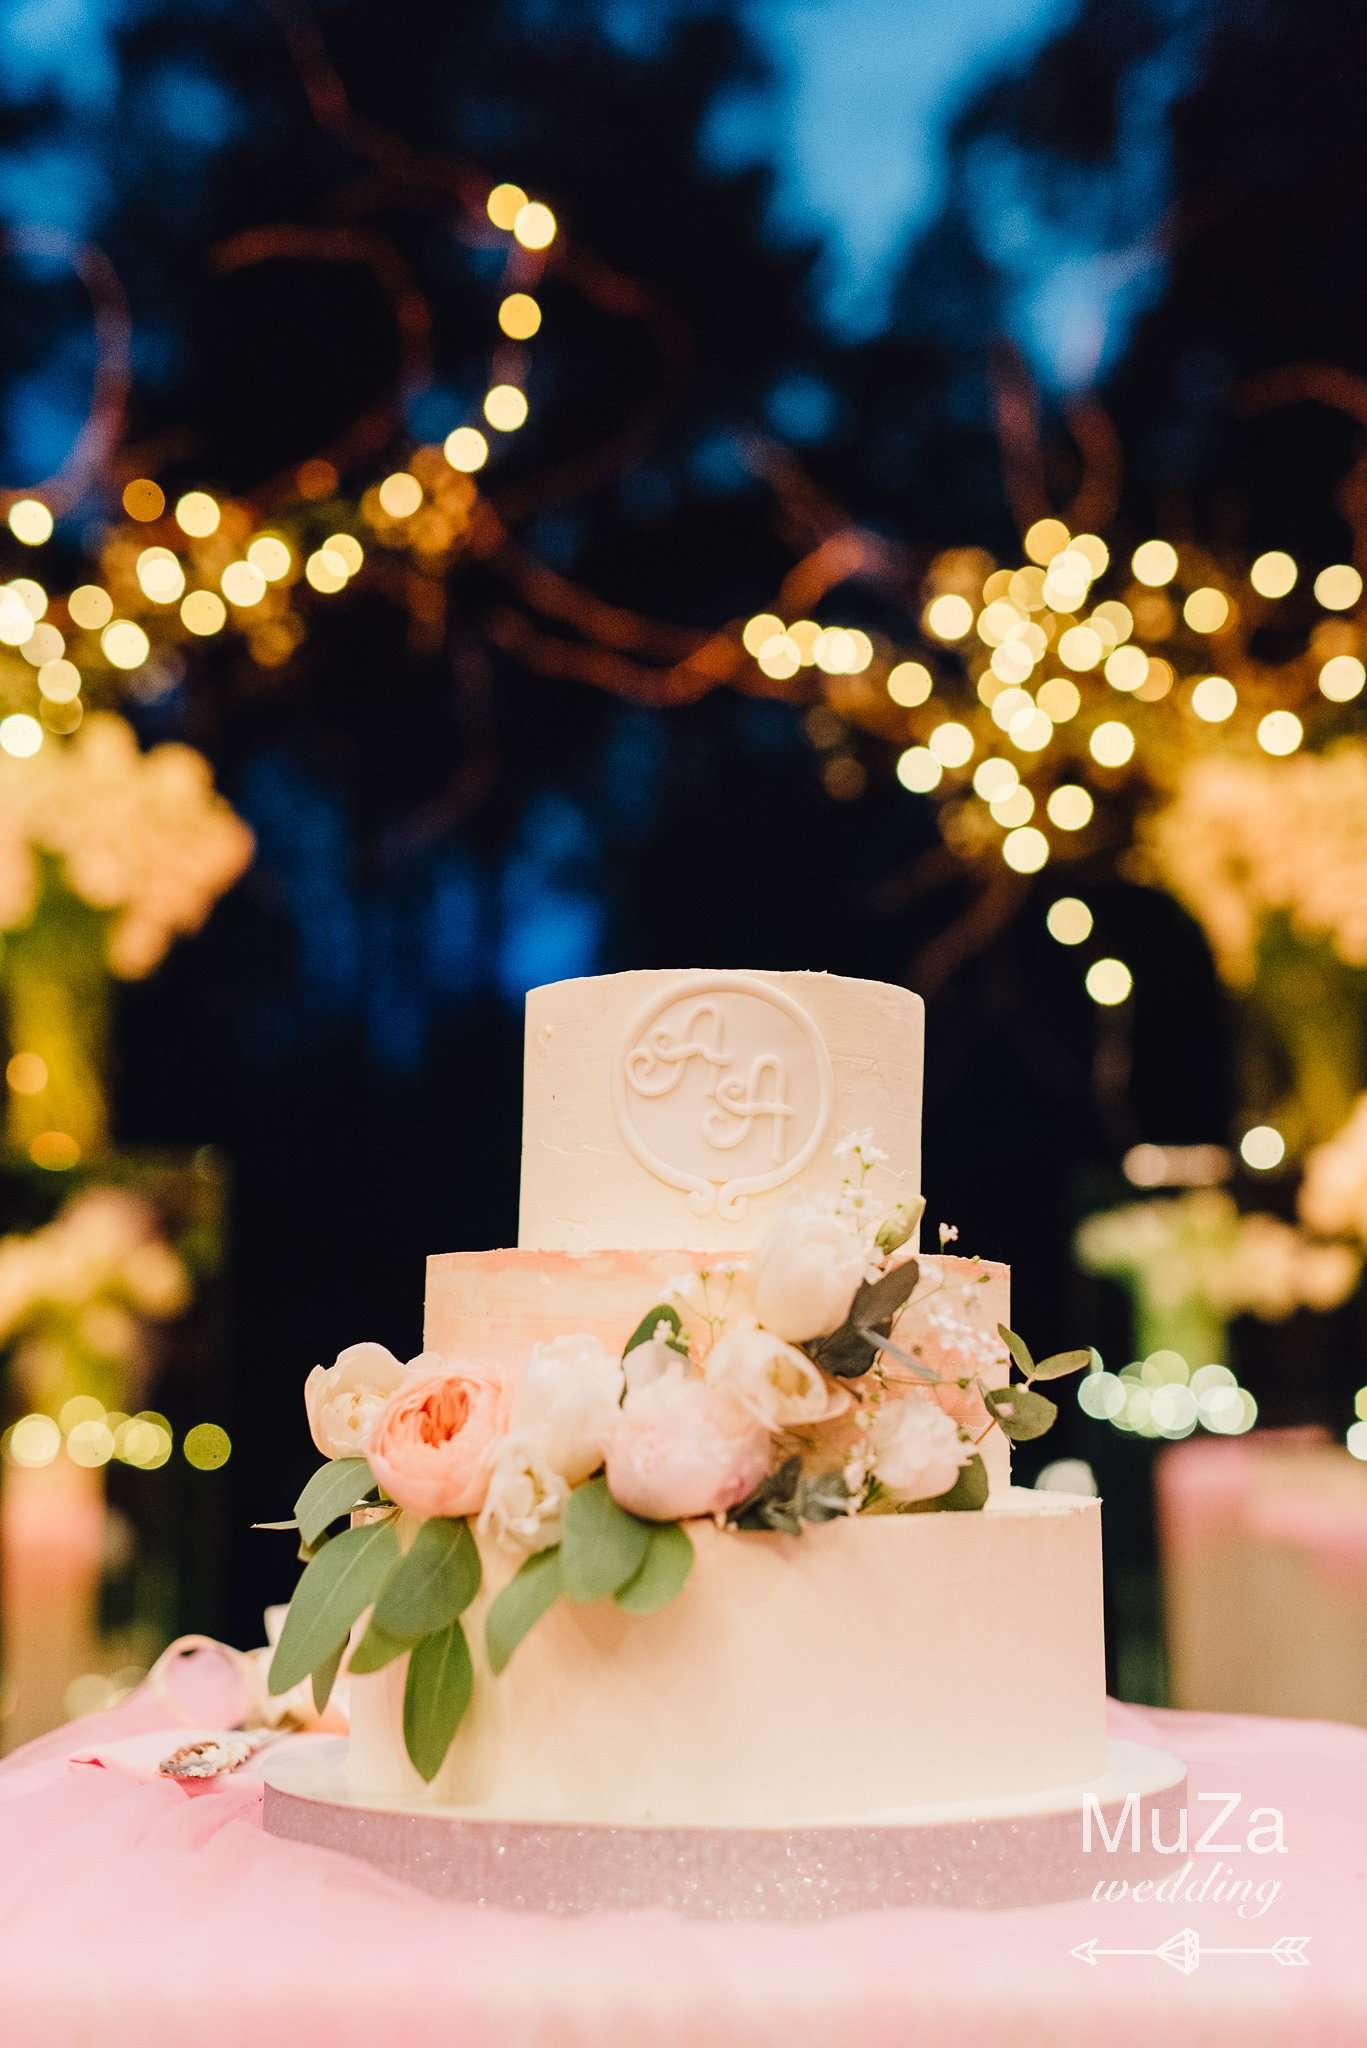 свадебный торт, гирлянды, свечи